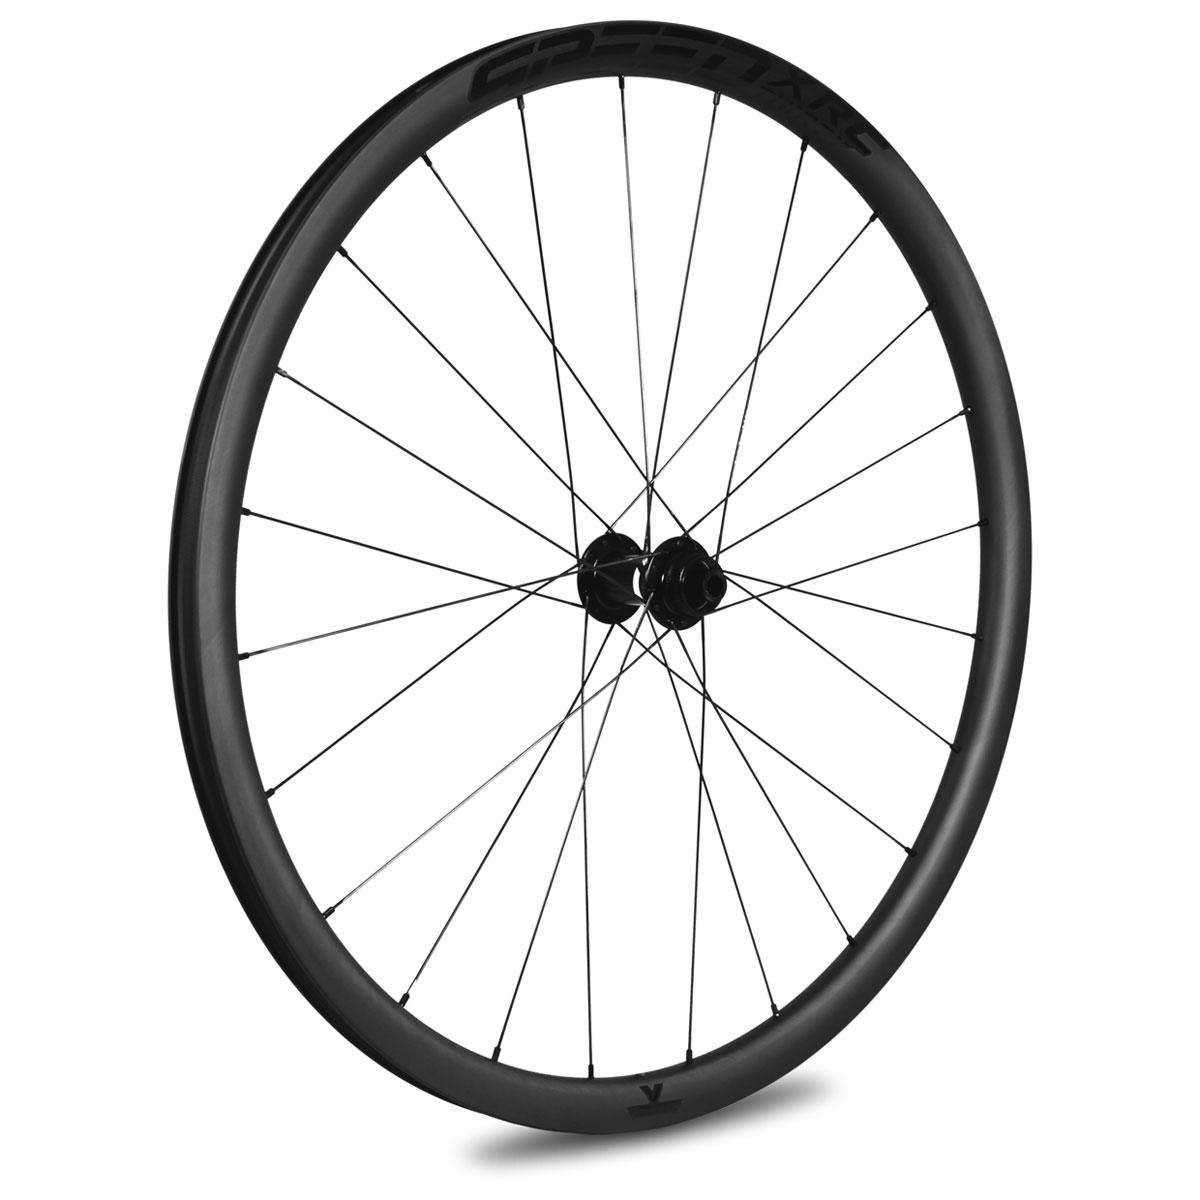 Veltec Speed XCR 30 Disc Carbon Vorderrad - Drahtreifen - 12x100mm - schwarz mit schwarzen Decals